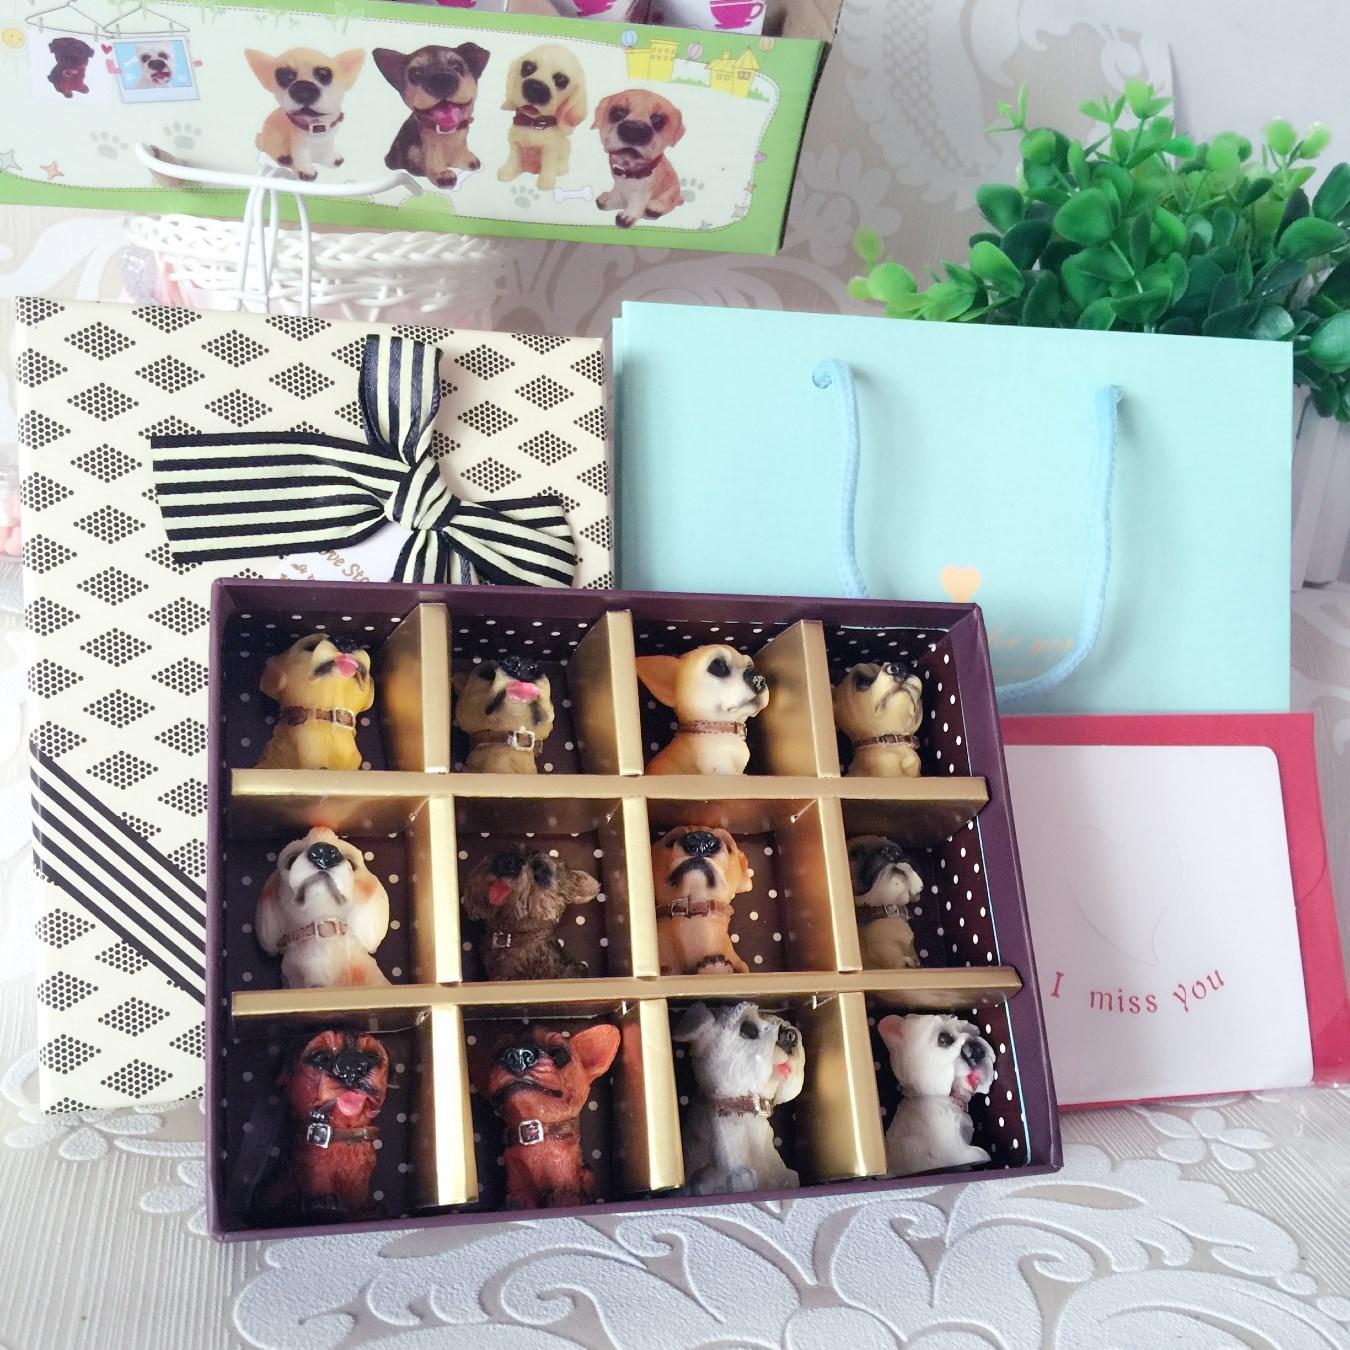 女生生闺蜜友情实用18岁新奇生日礼物女送男12名犬送创意同学礼品